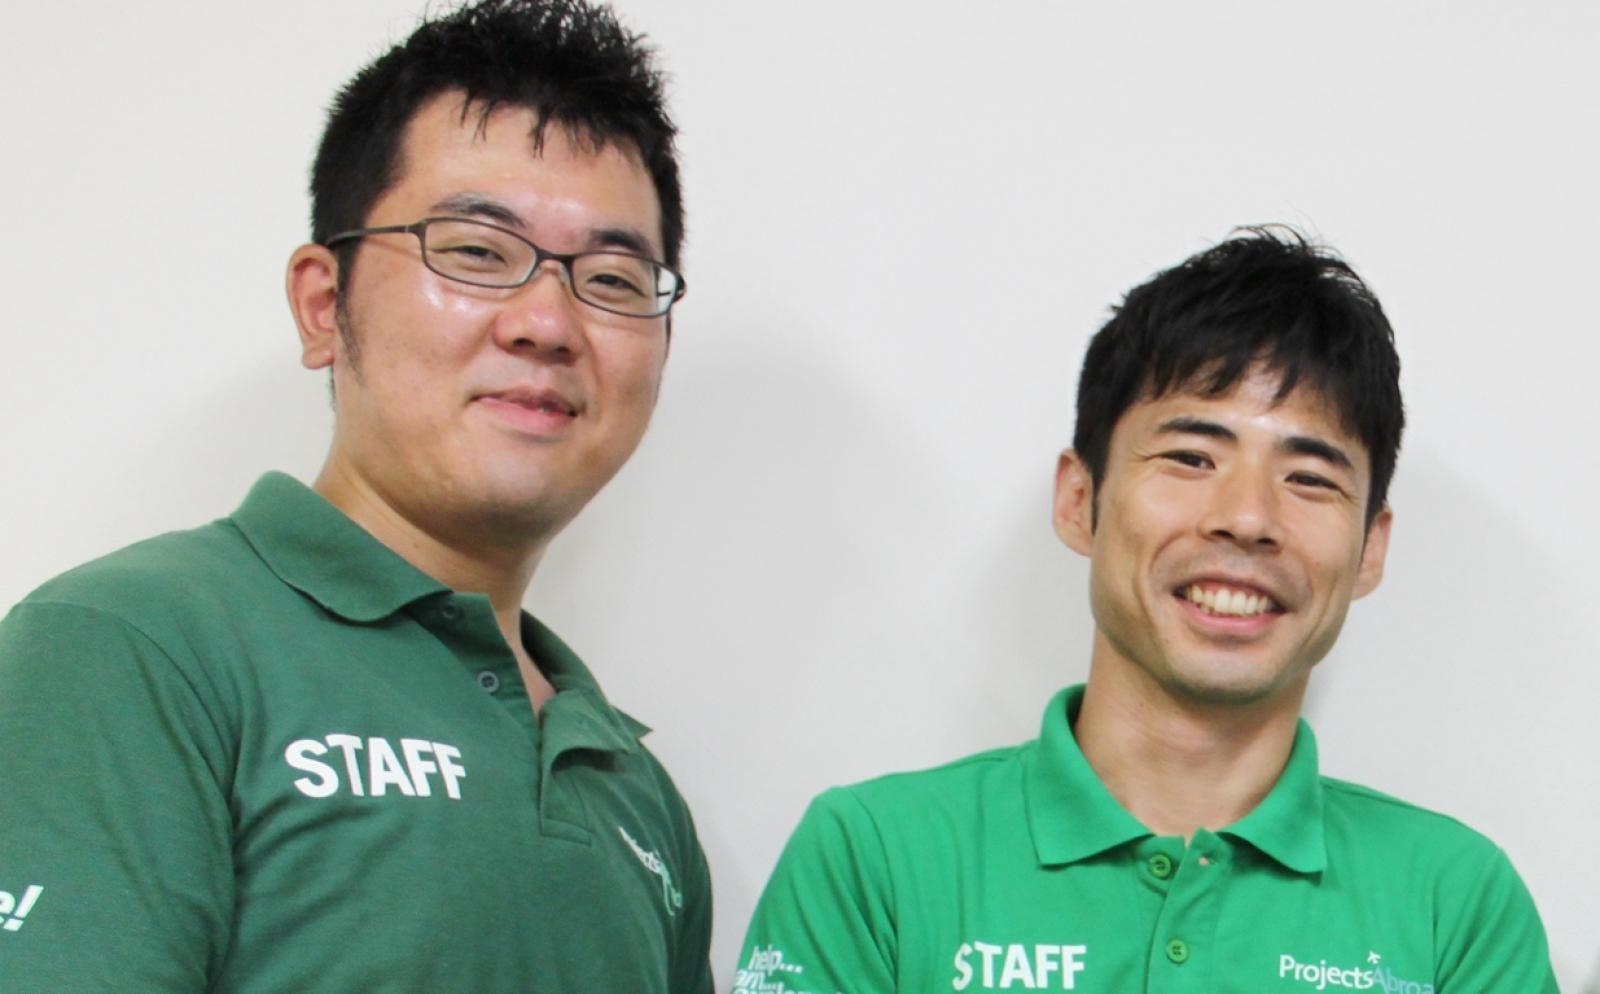 日本支店のプロジェクトアブロードスタッフ